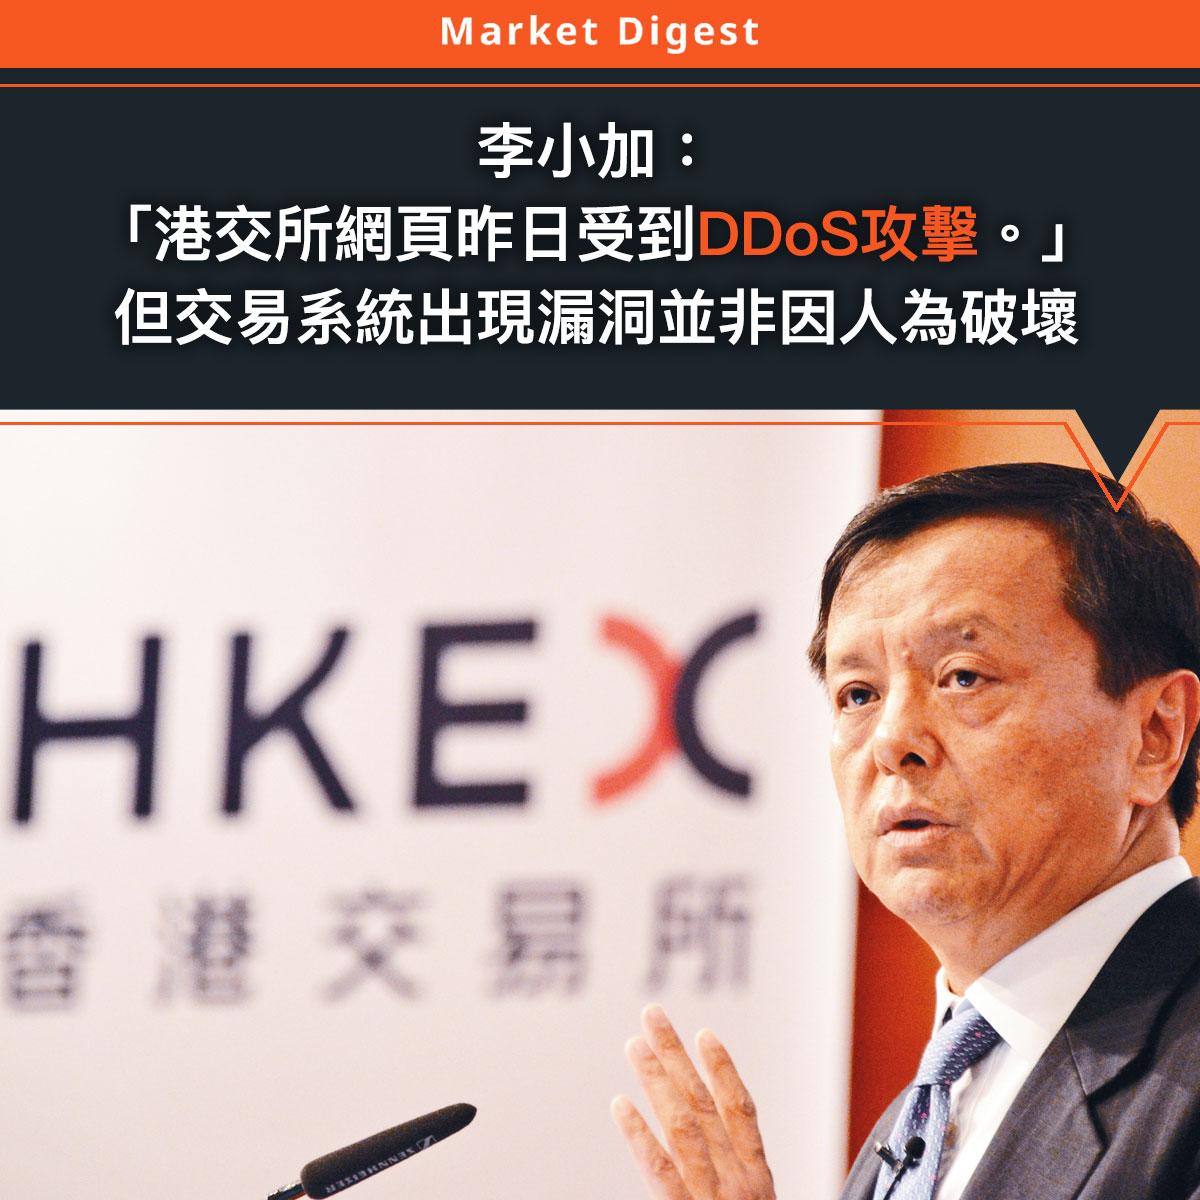 李小加: 「港交所網頁昨日受到DDoS攻擊。」